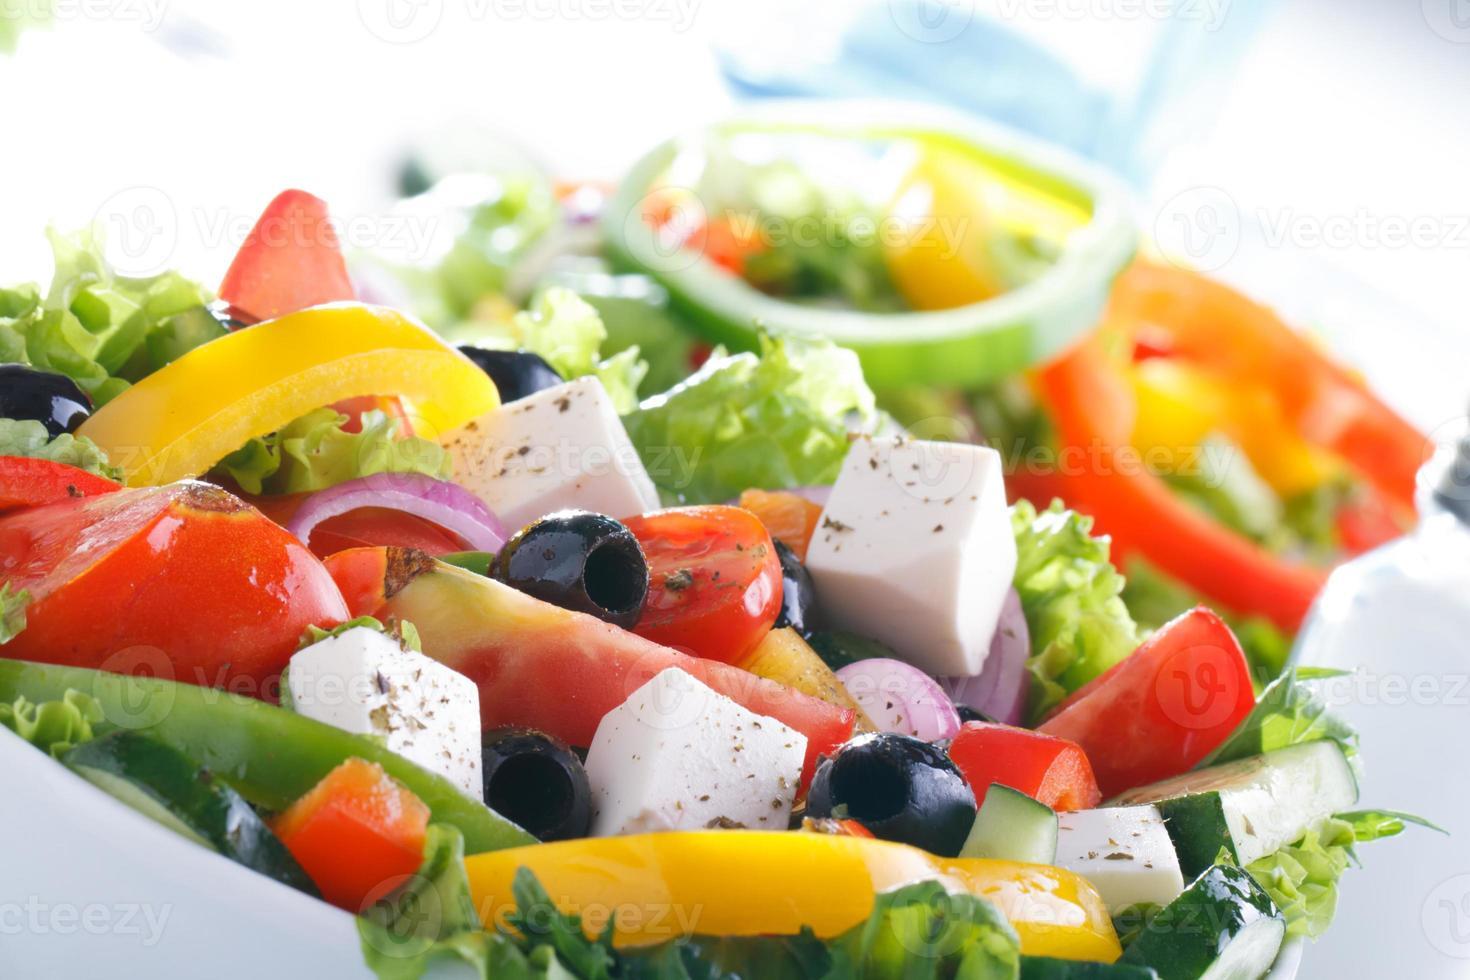 insalata di verdure fresche (insalata greca). utile cibo vitaminico. foto